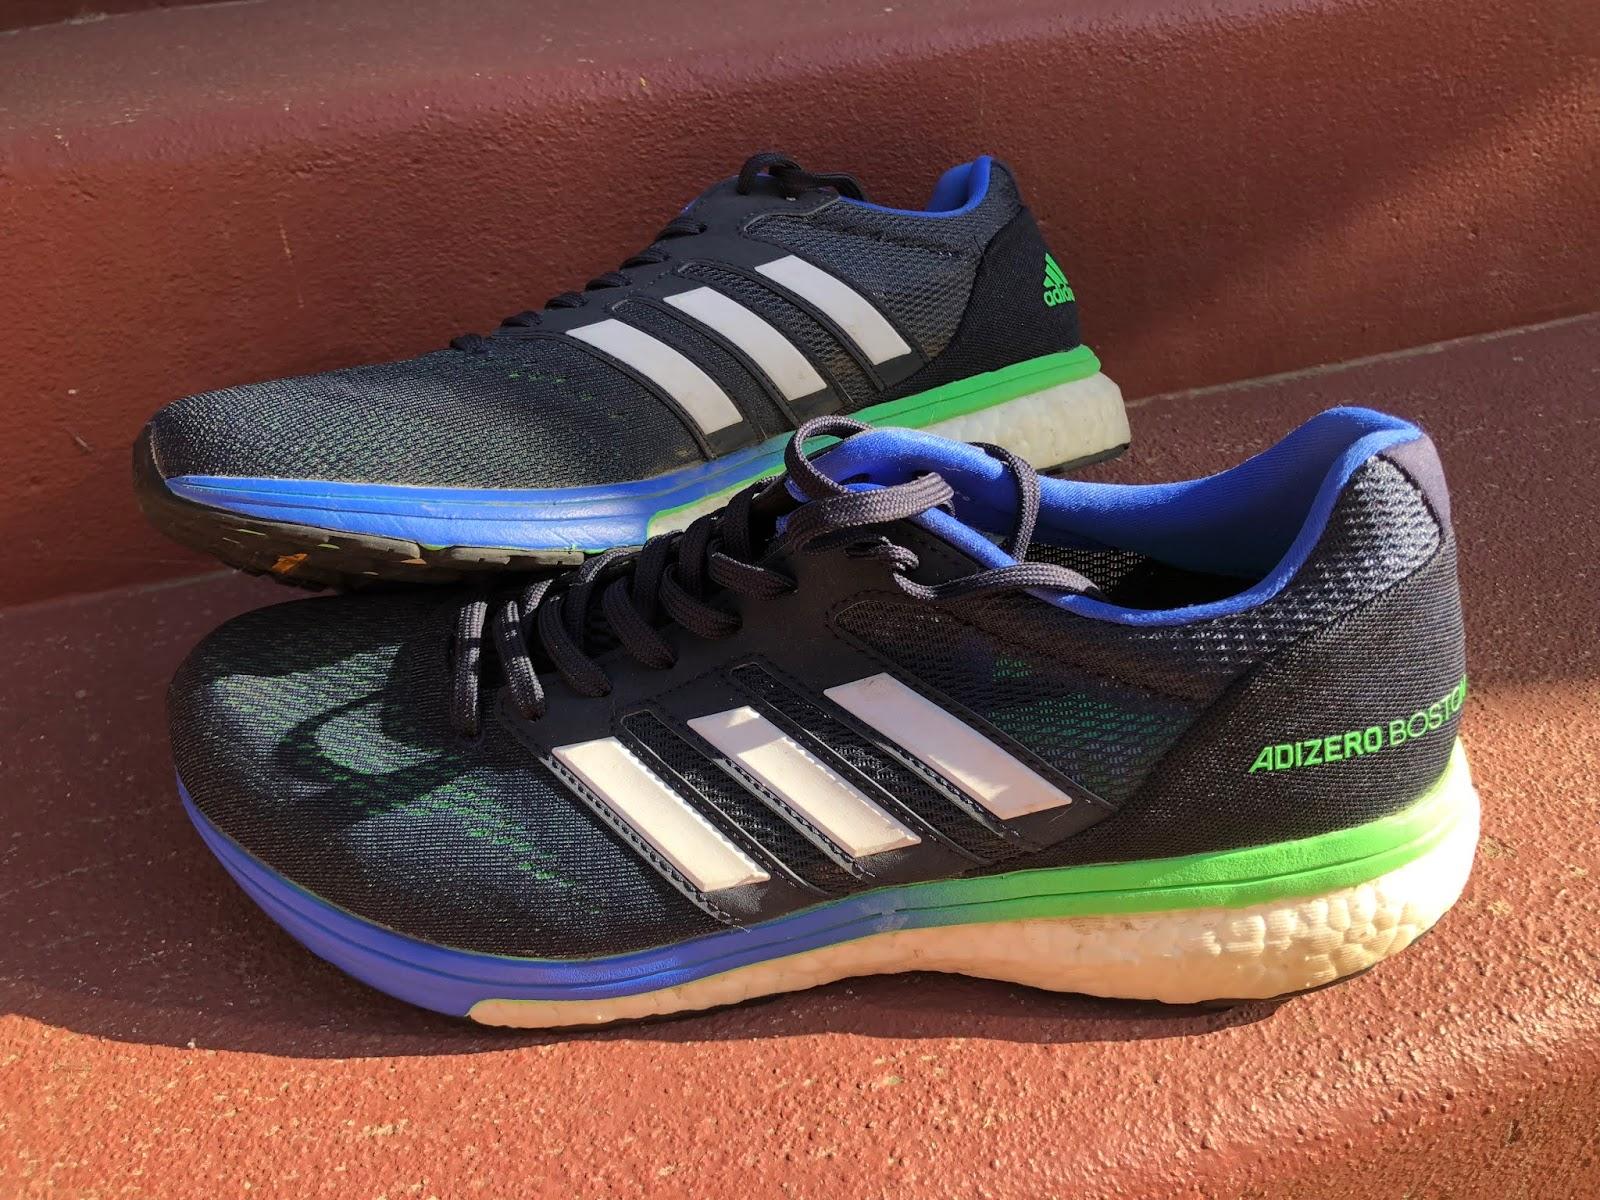 info for a0496 484f9 Adidas Adizero Boston 7 Review